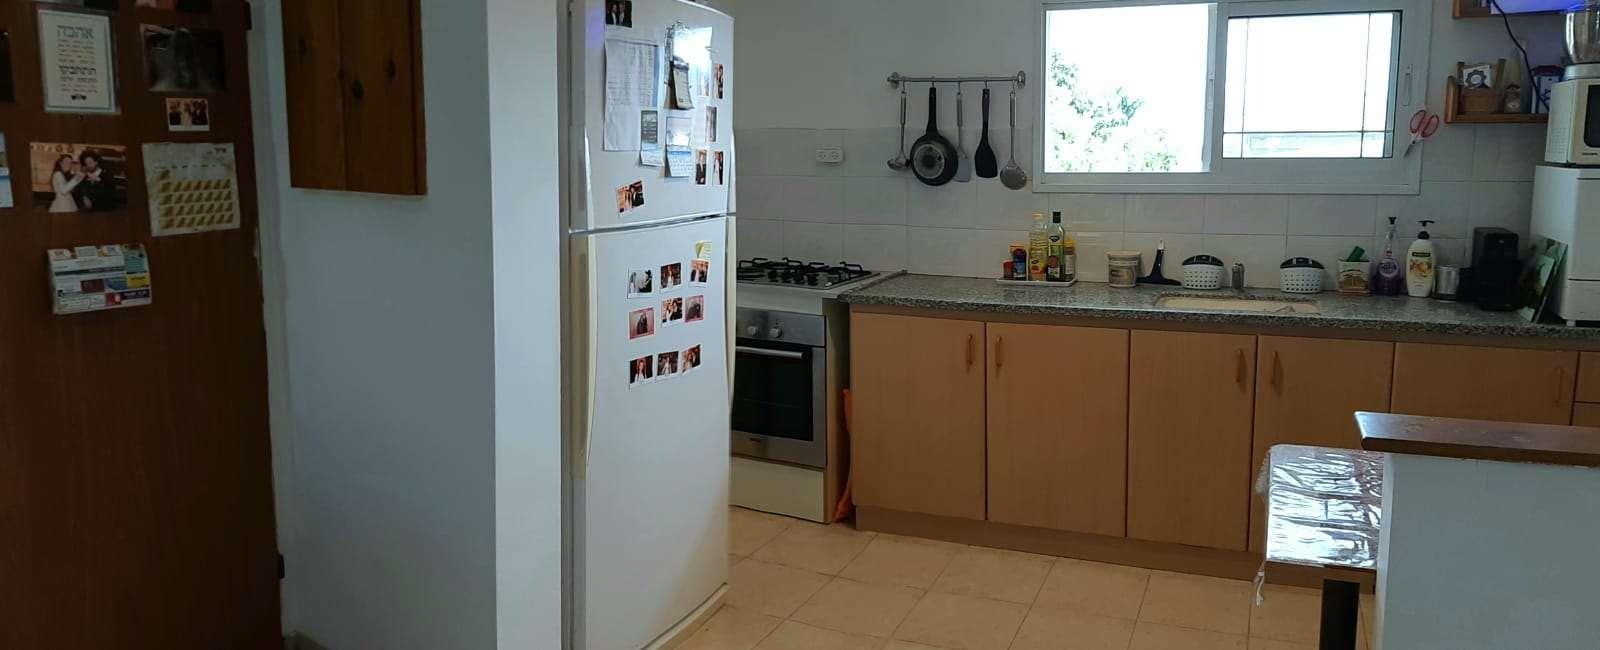 דירה, 2.5 חדרים, חצור, כרמיאל